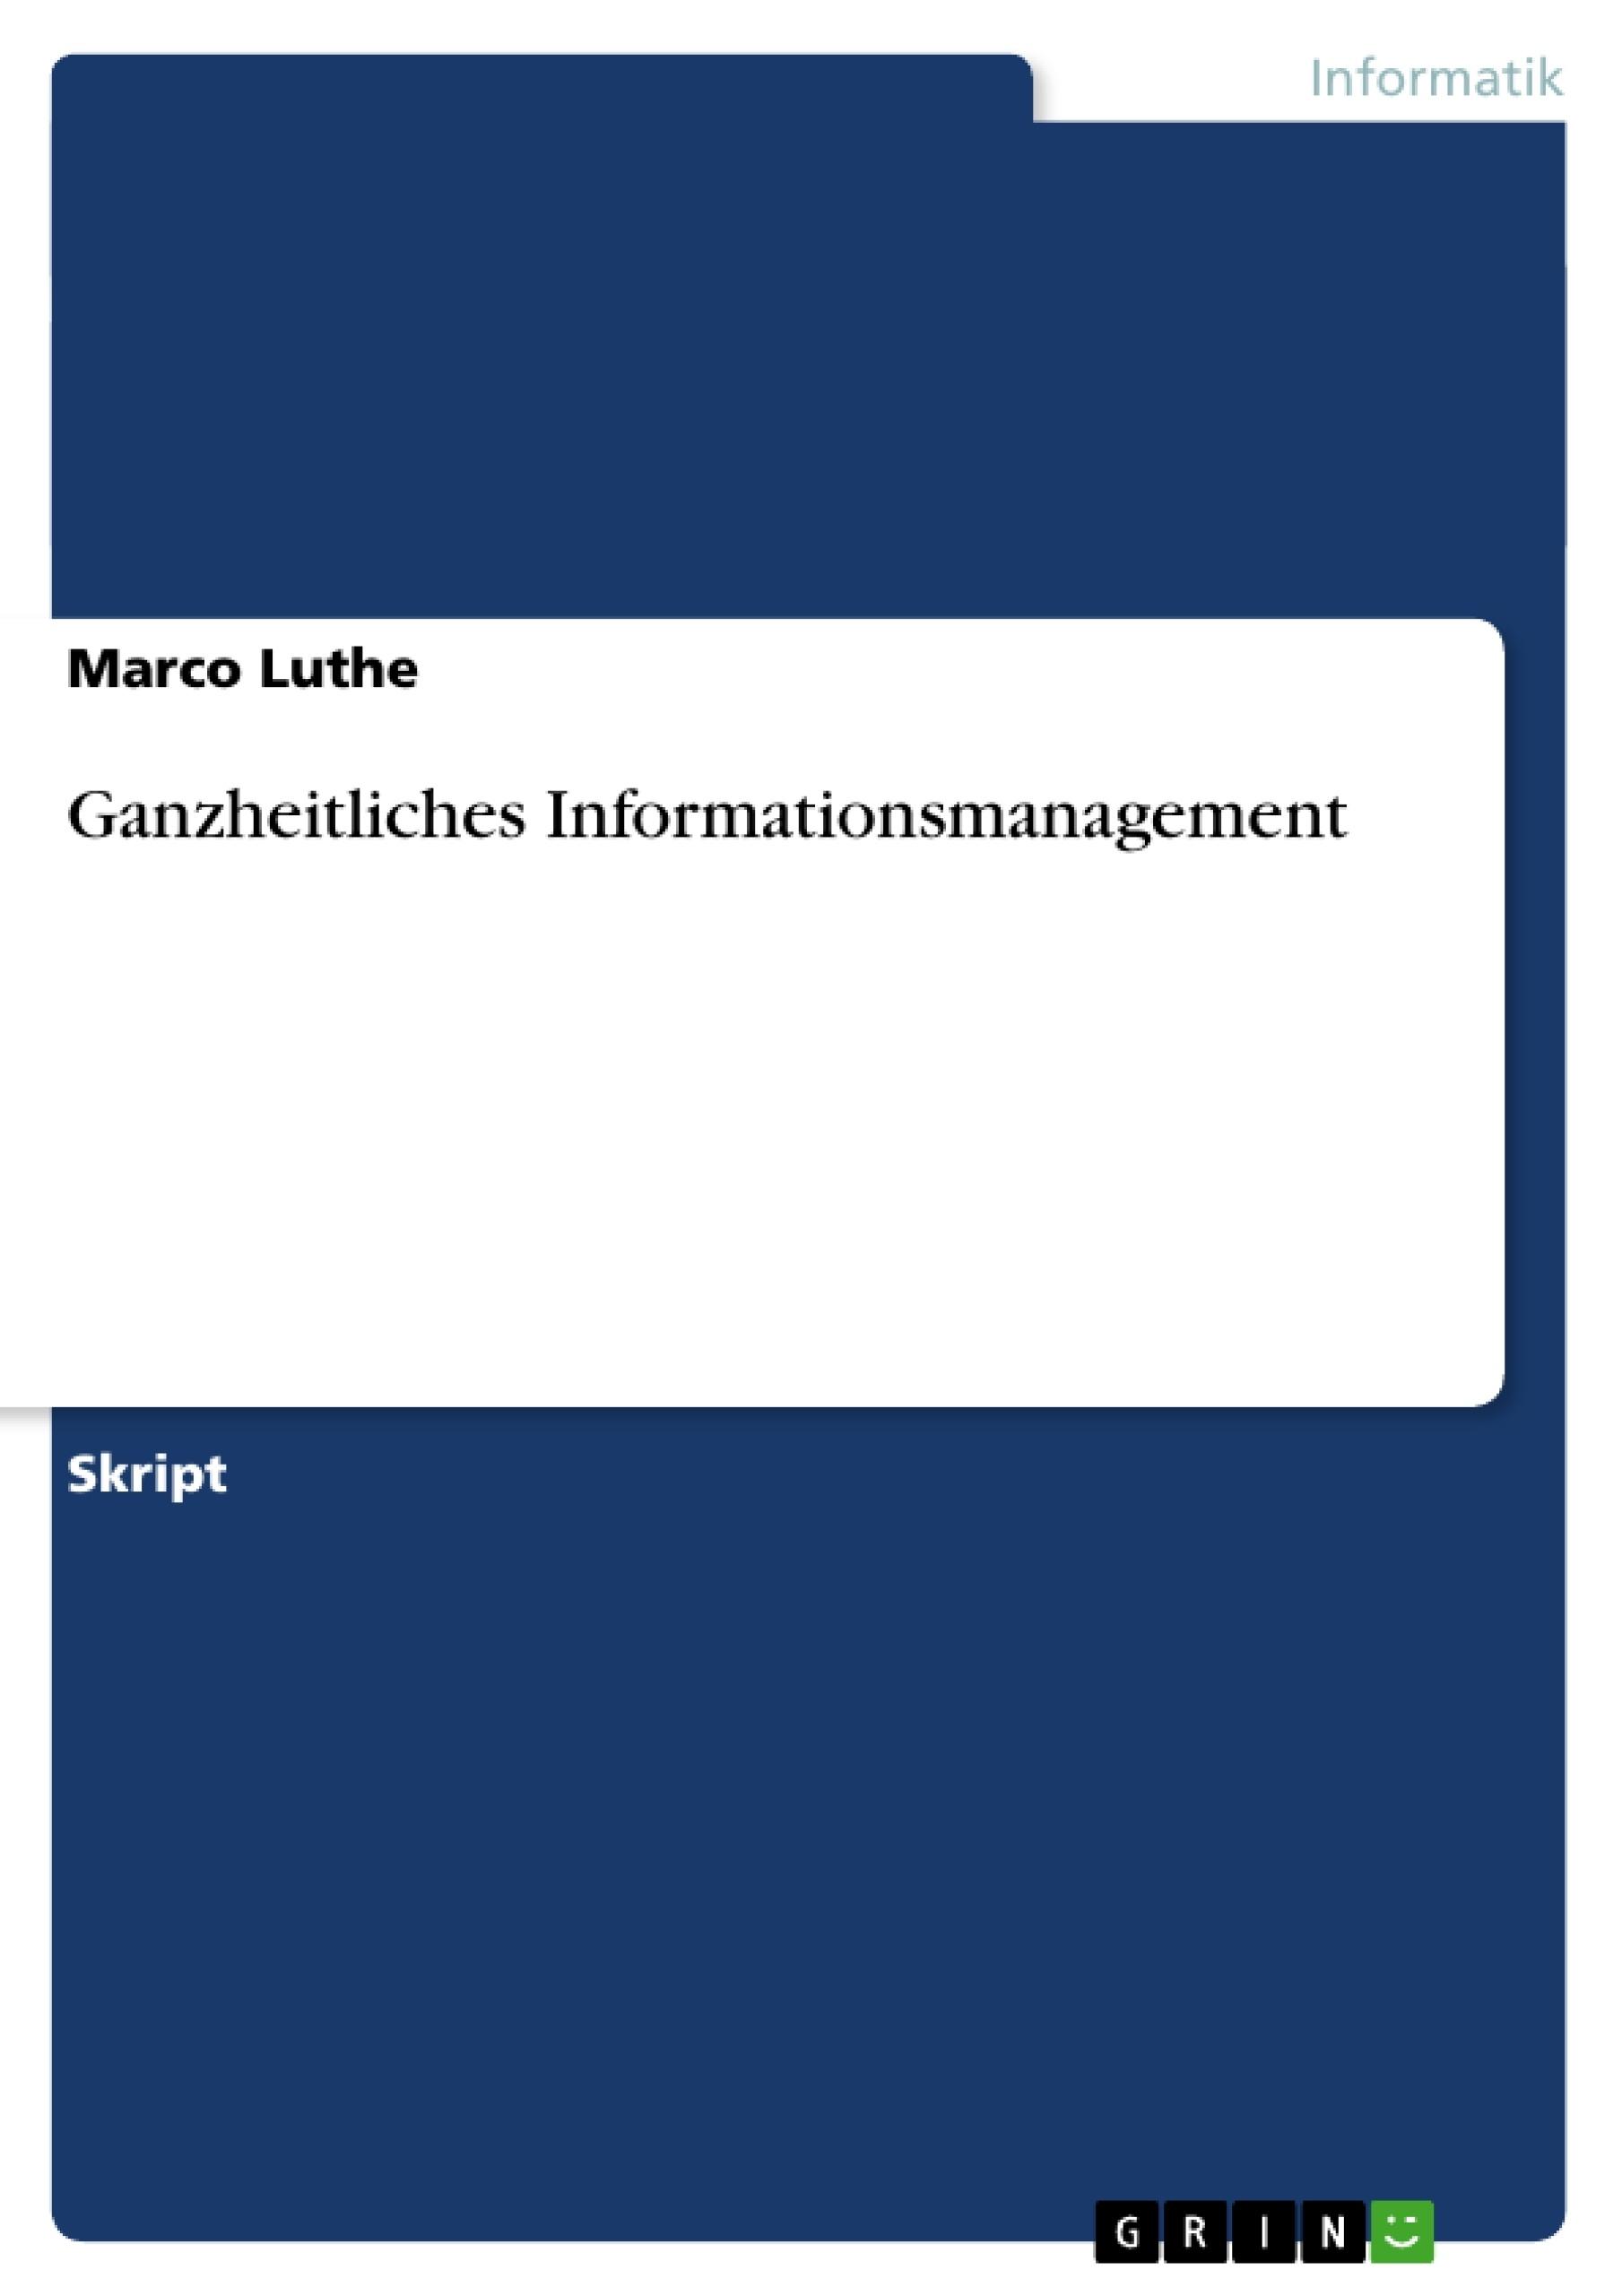 Titel: Ganzheitliches Informationsmanagement